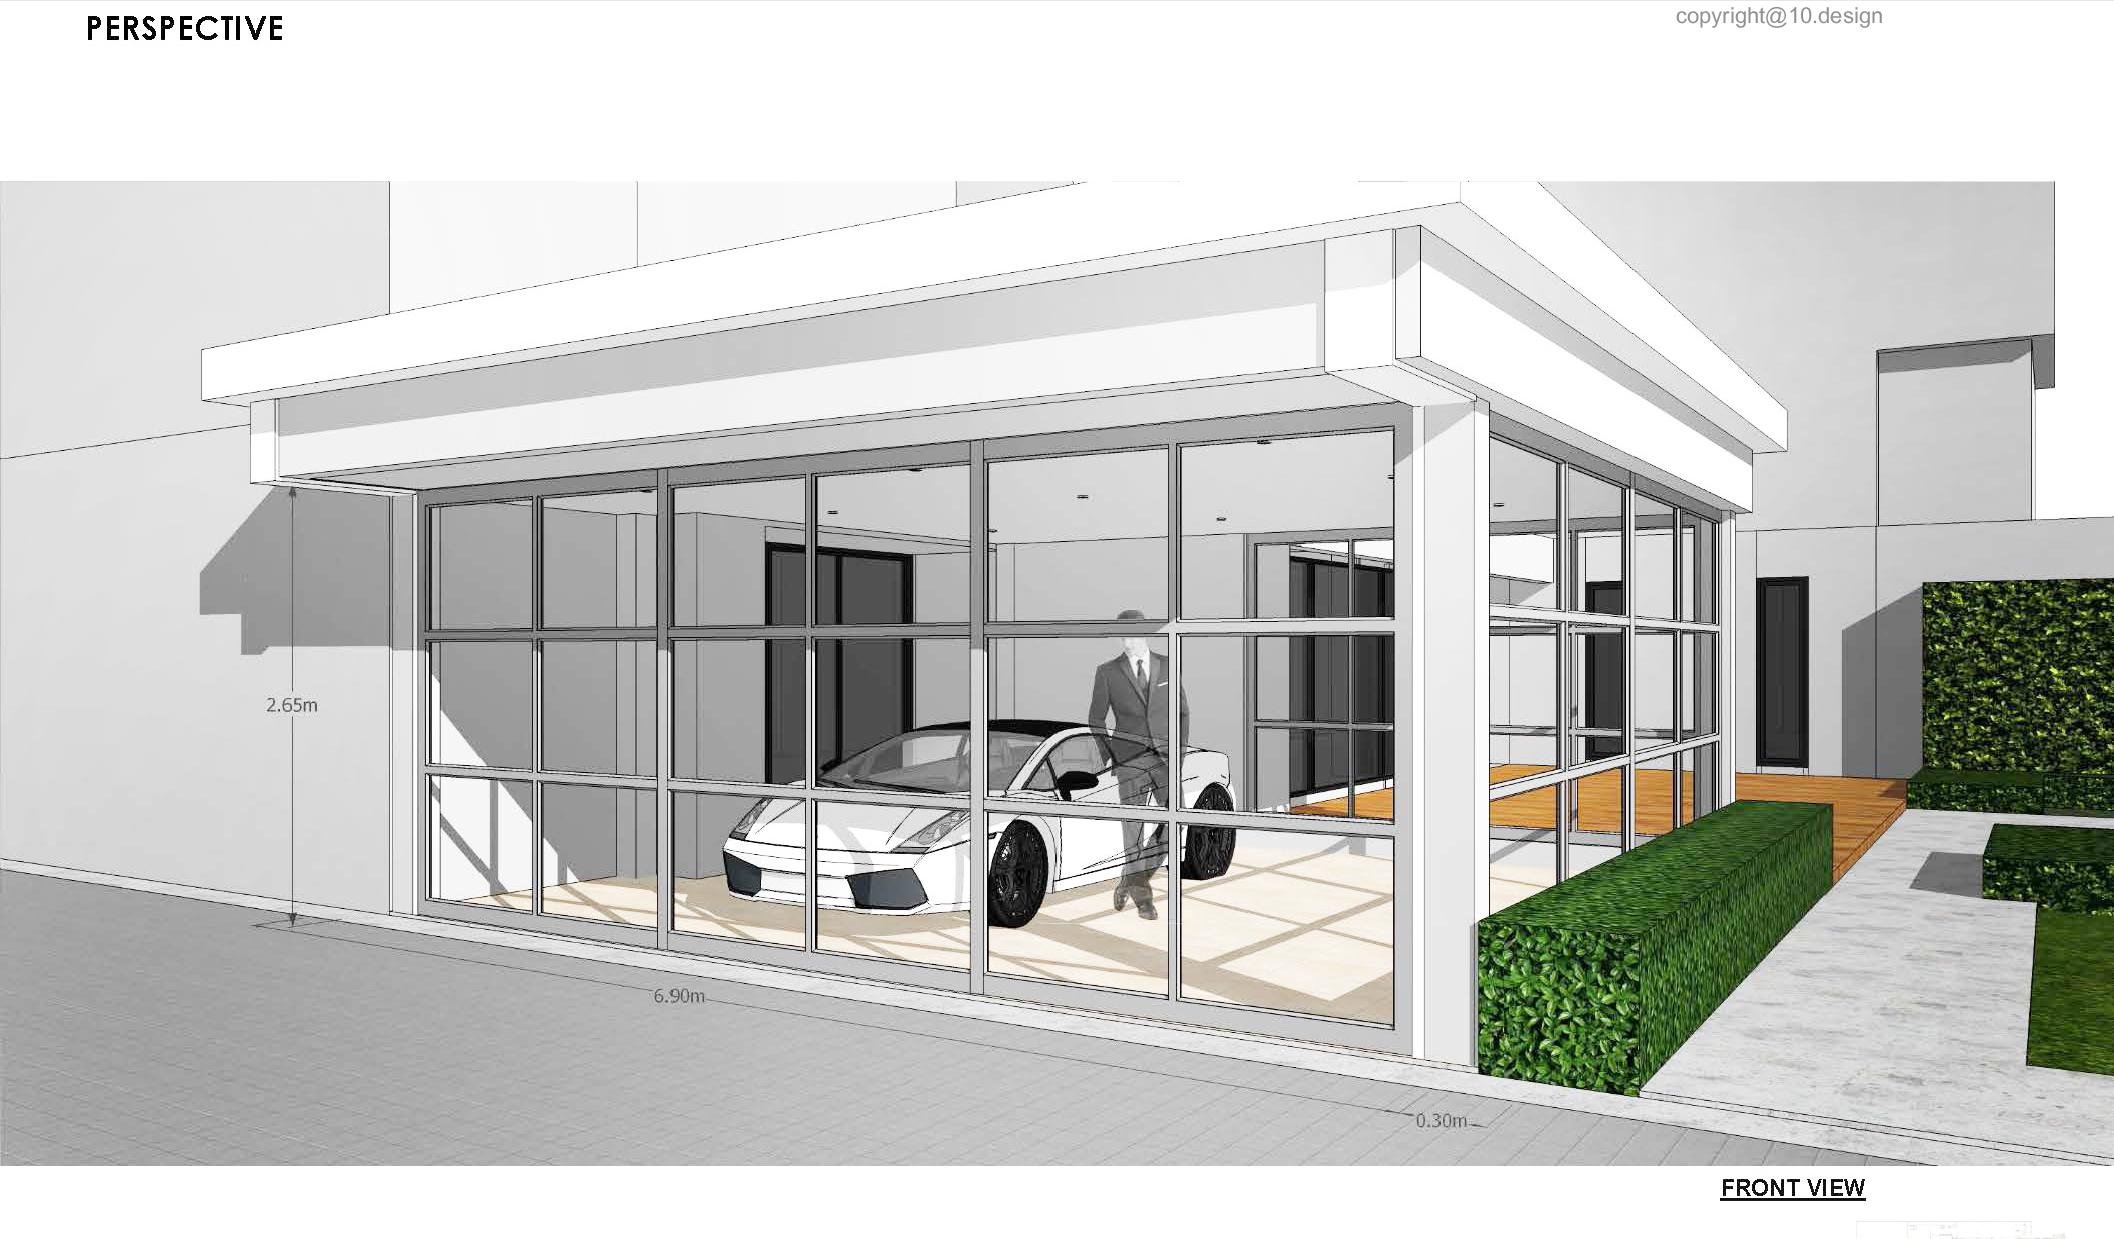 issara residence 10 design landscape architect 03